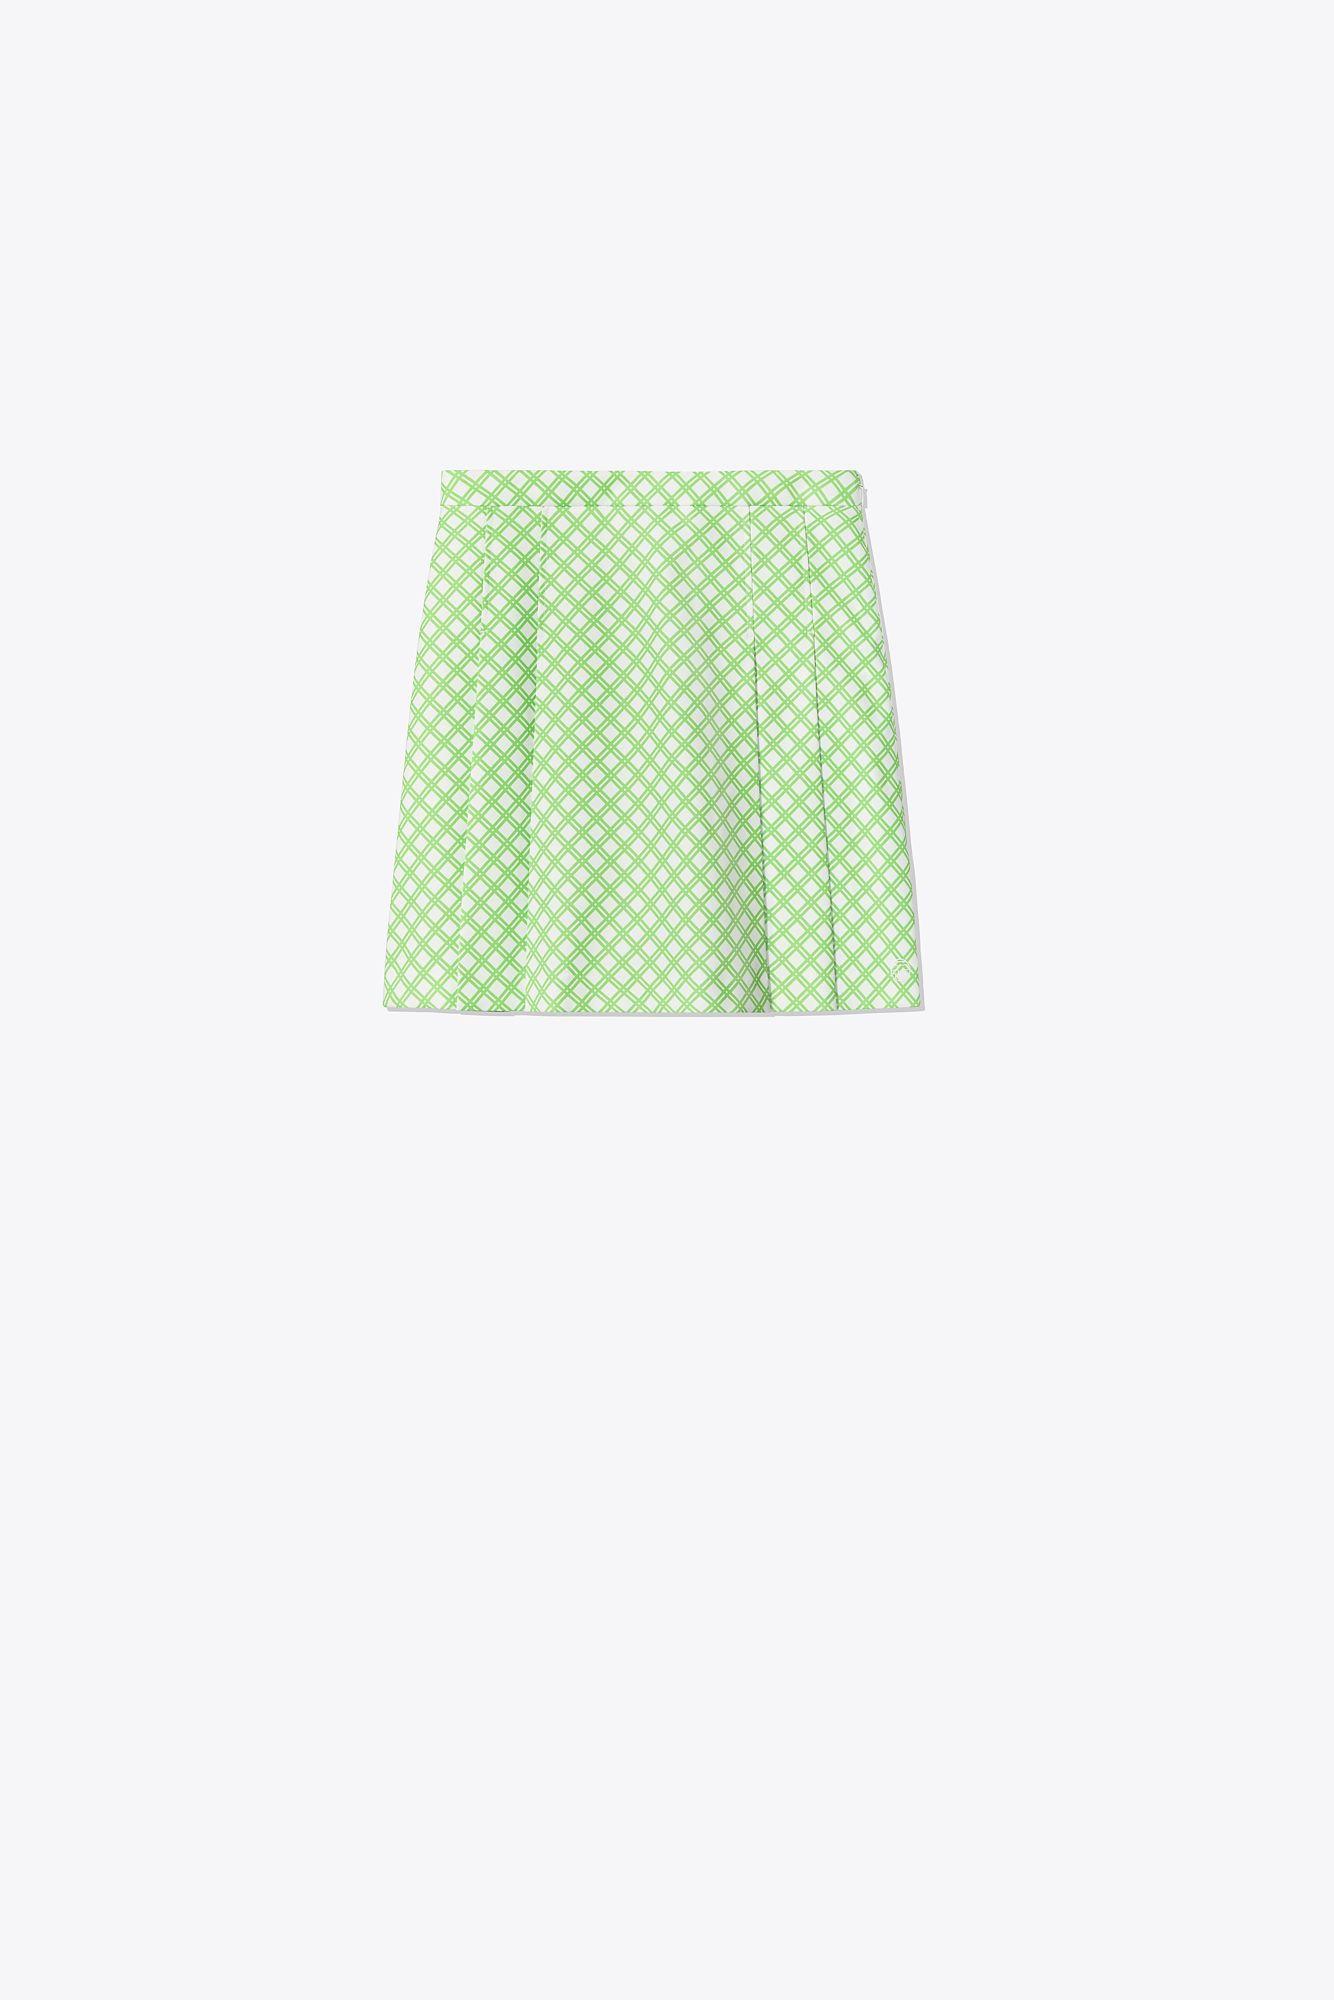 d9e85a6456 Tory Sport. Women's Green Printed Tech Twill Pleated Golf Skirt ...